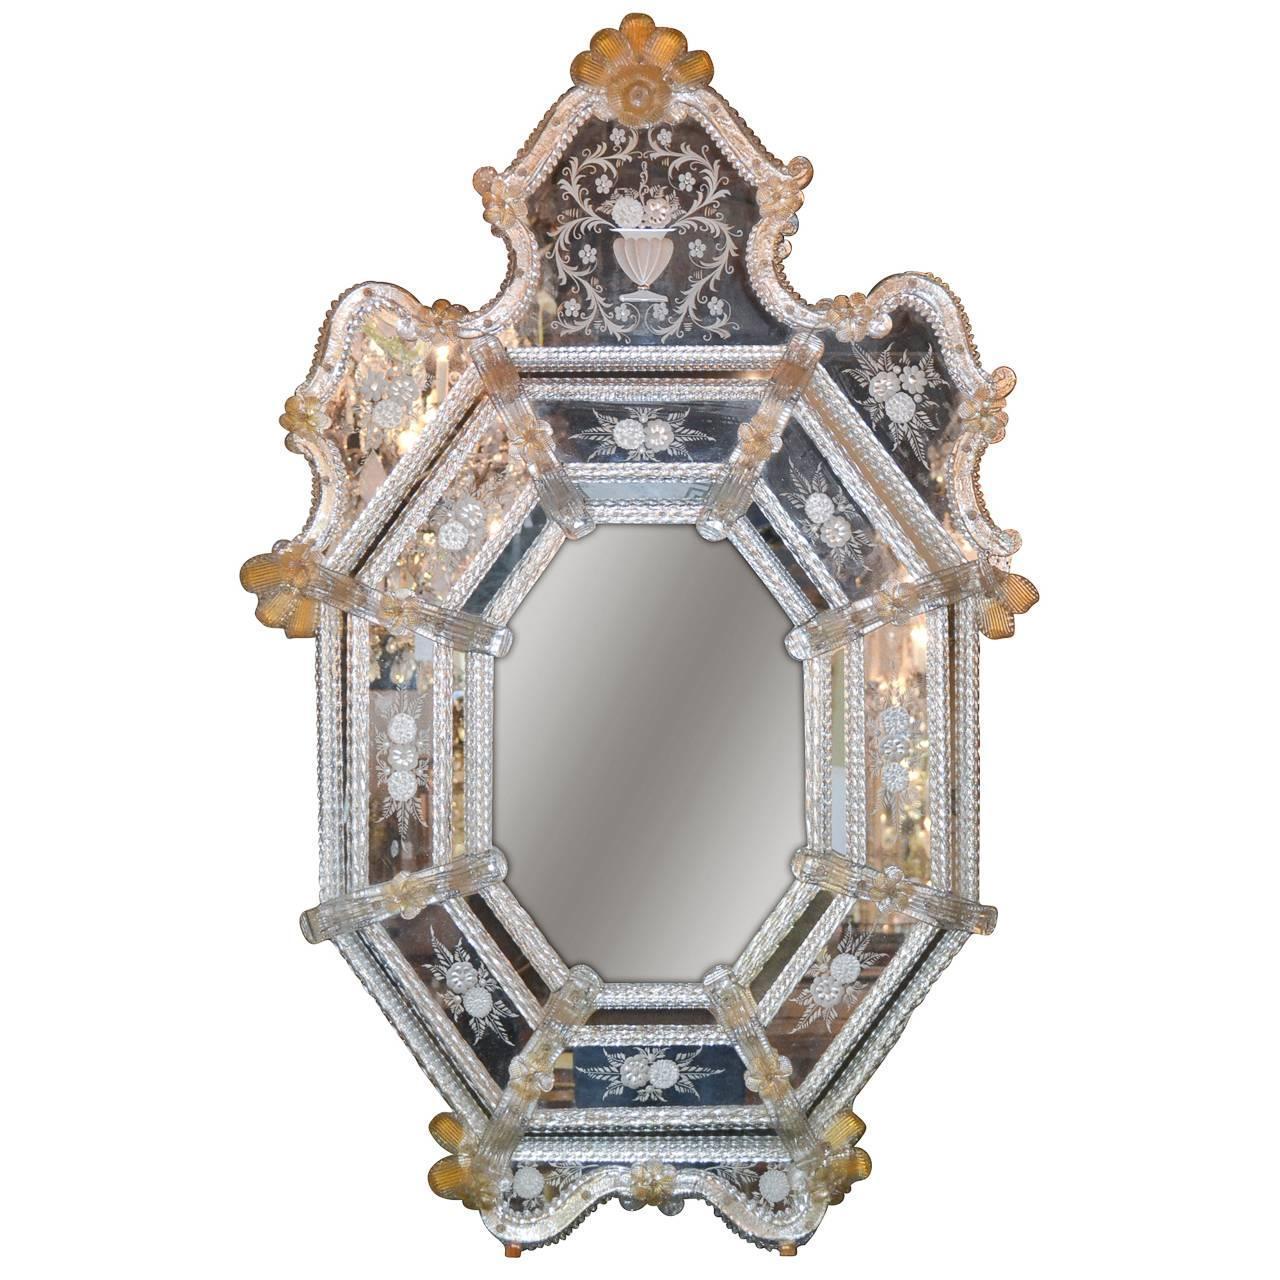 sensational antique venetian etched glass mirror for sale at 1stdibs. Black Bedroom Furniture Sets. Home Design Ideas